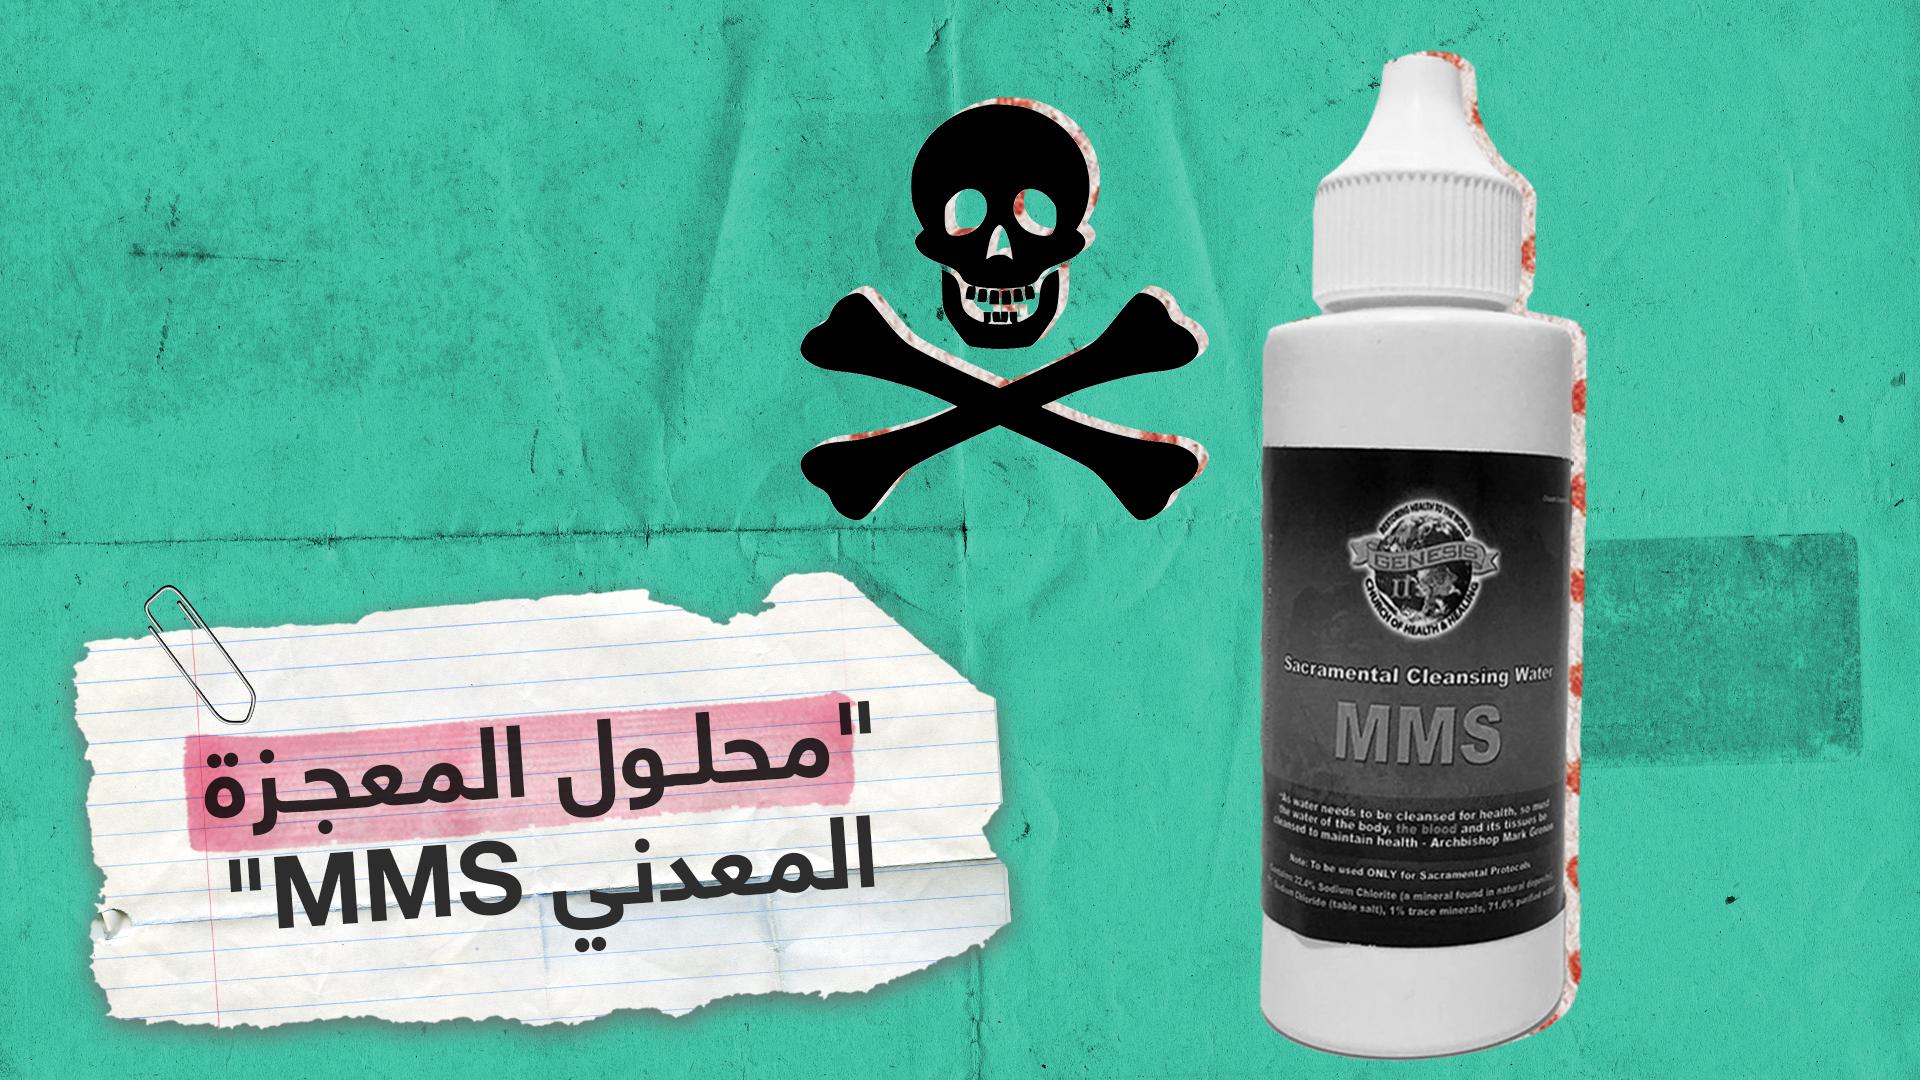 """""""محلول المعجزة المعدني"""" MMS.. حيلة أمريكي لاستغلال حاجة مرضى كورونا للعلاج"""